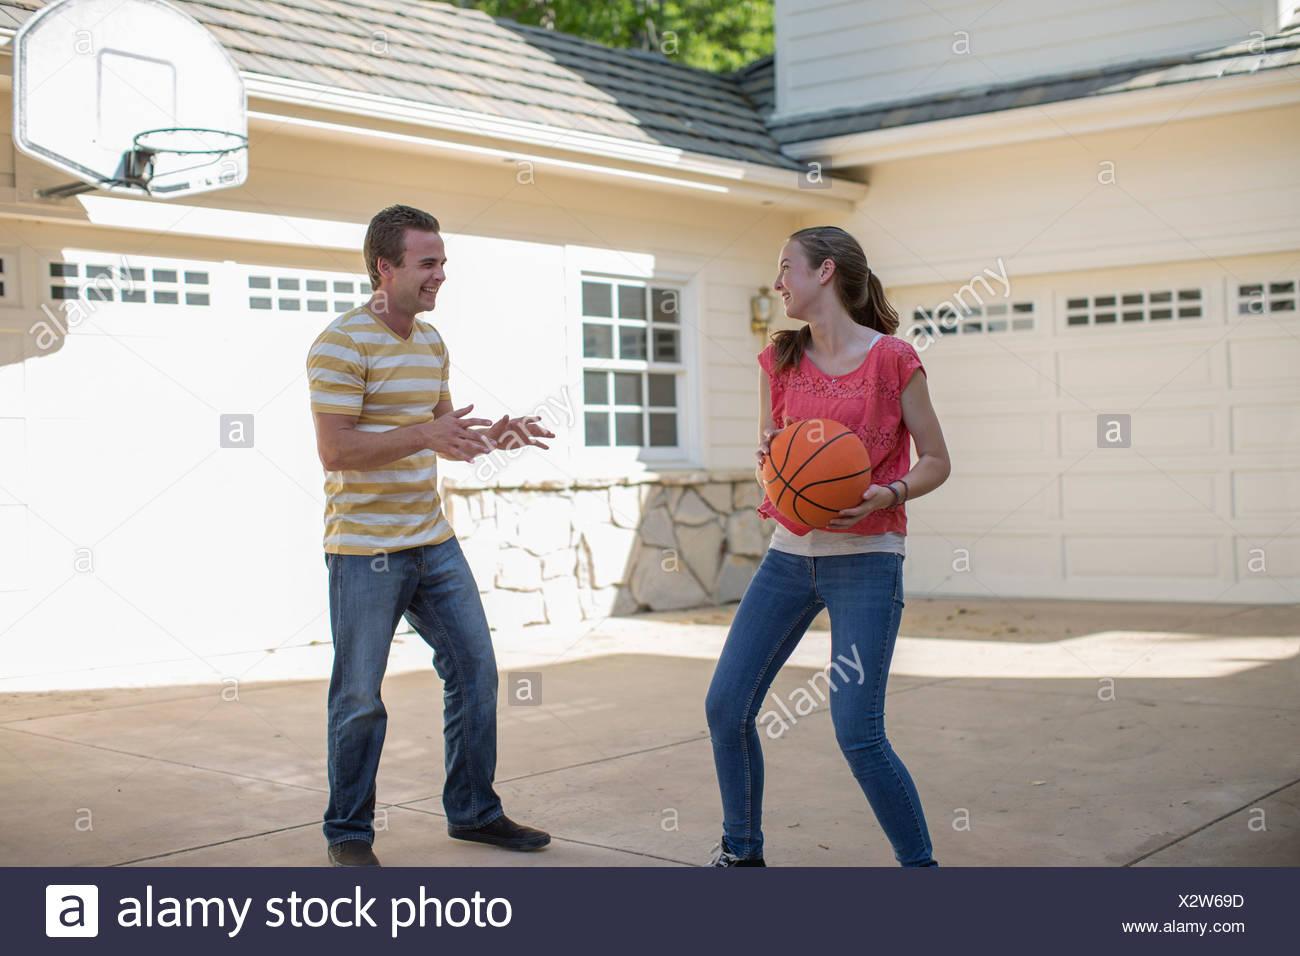 Brother and sister playing basketball - Stock Image